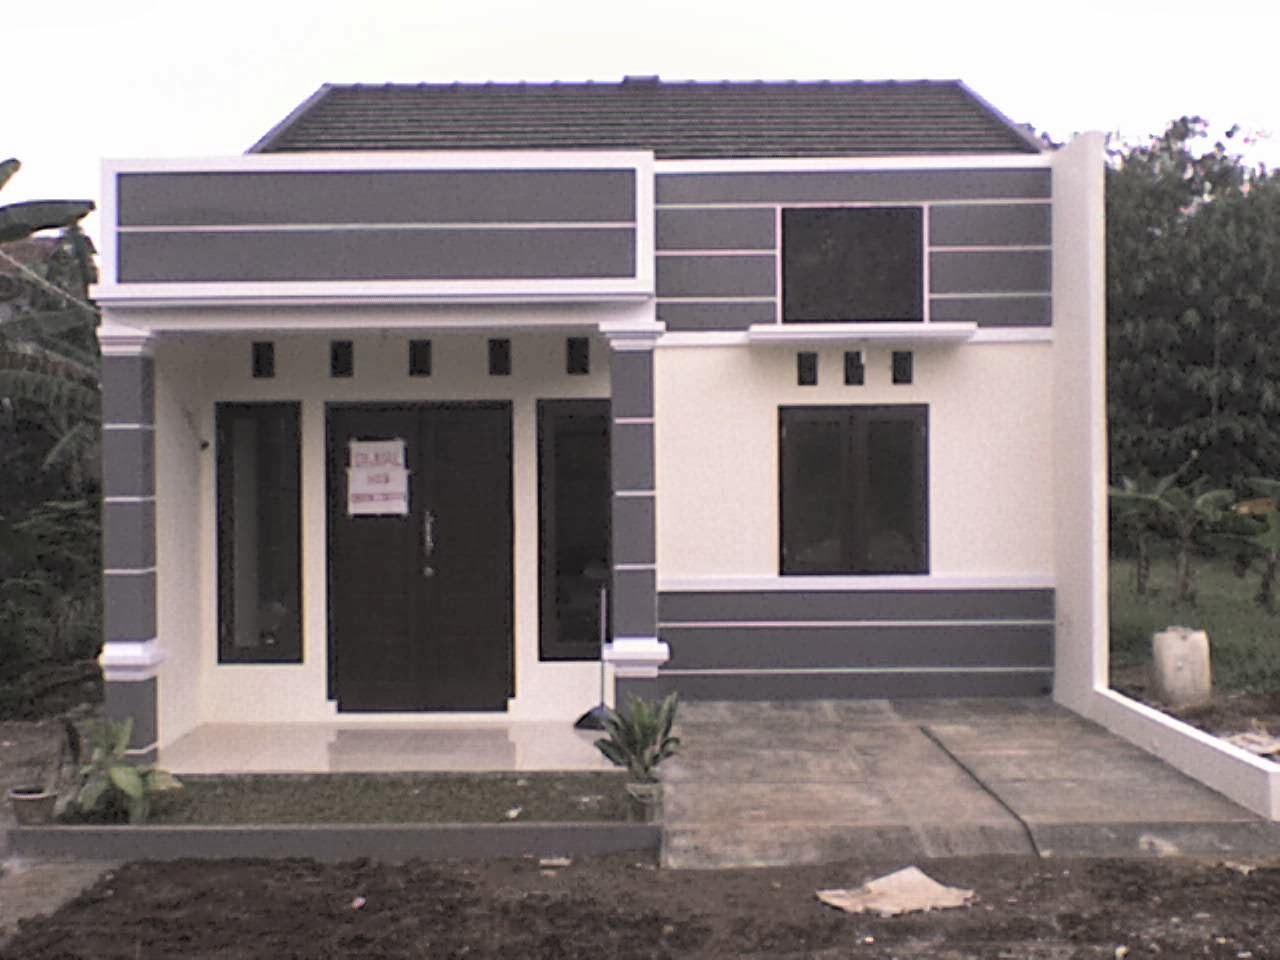 Desain Interior Rumah Minimalis Type 40 Hunianku Desain Rumah & 69 Desain Interior Rumah Minimalis Type 40 | Desain Rumah ...